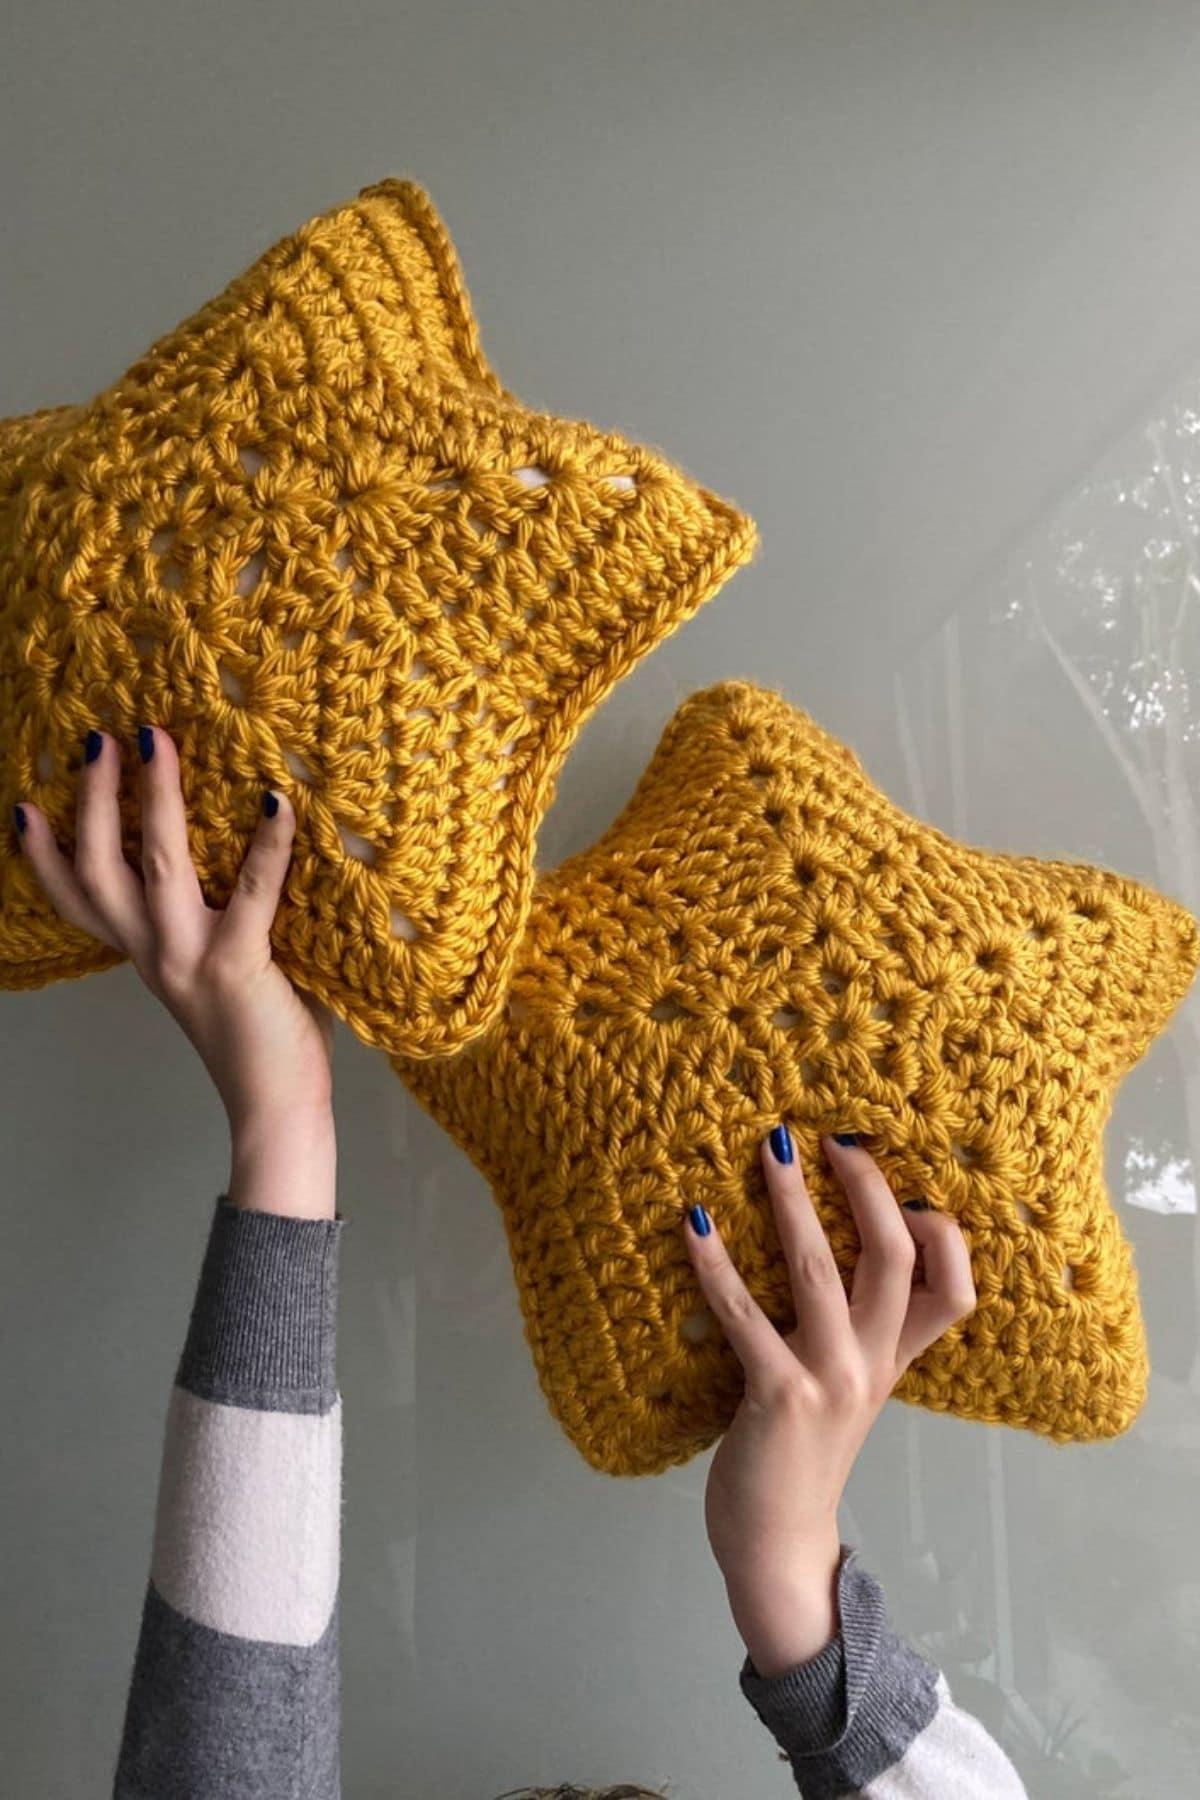 Hands holding dark yellow star pillows